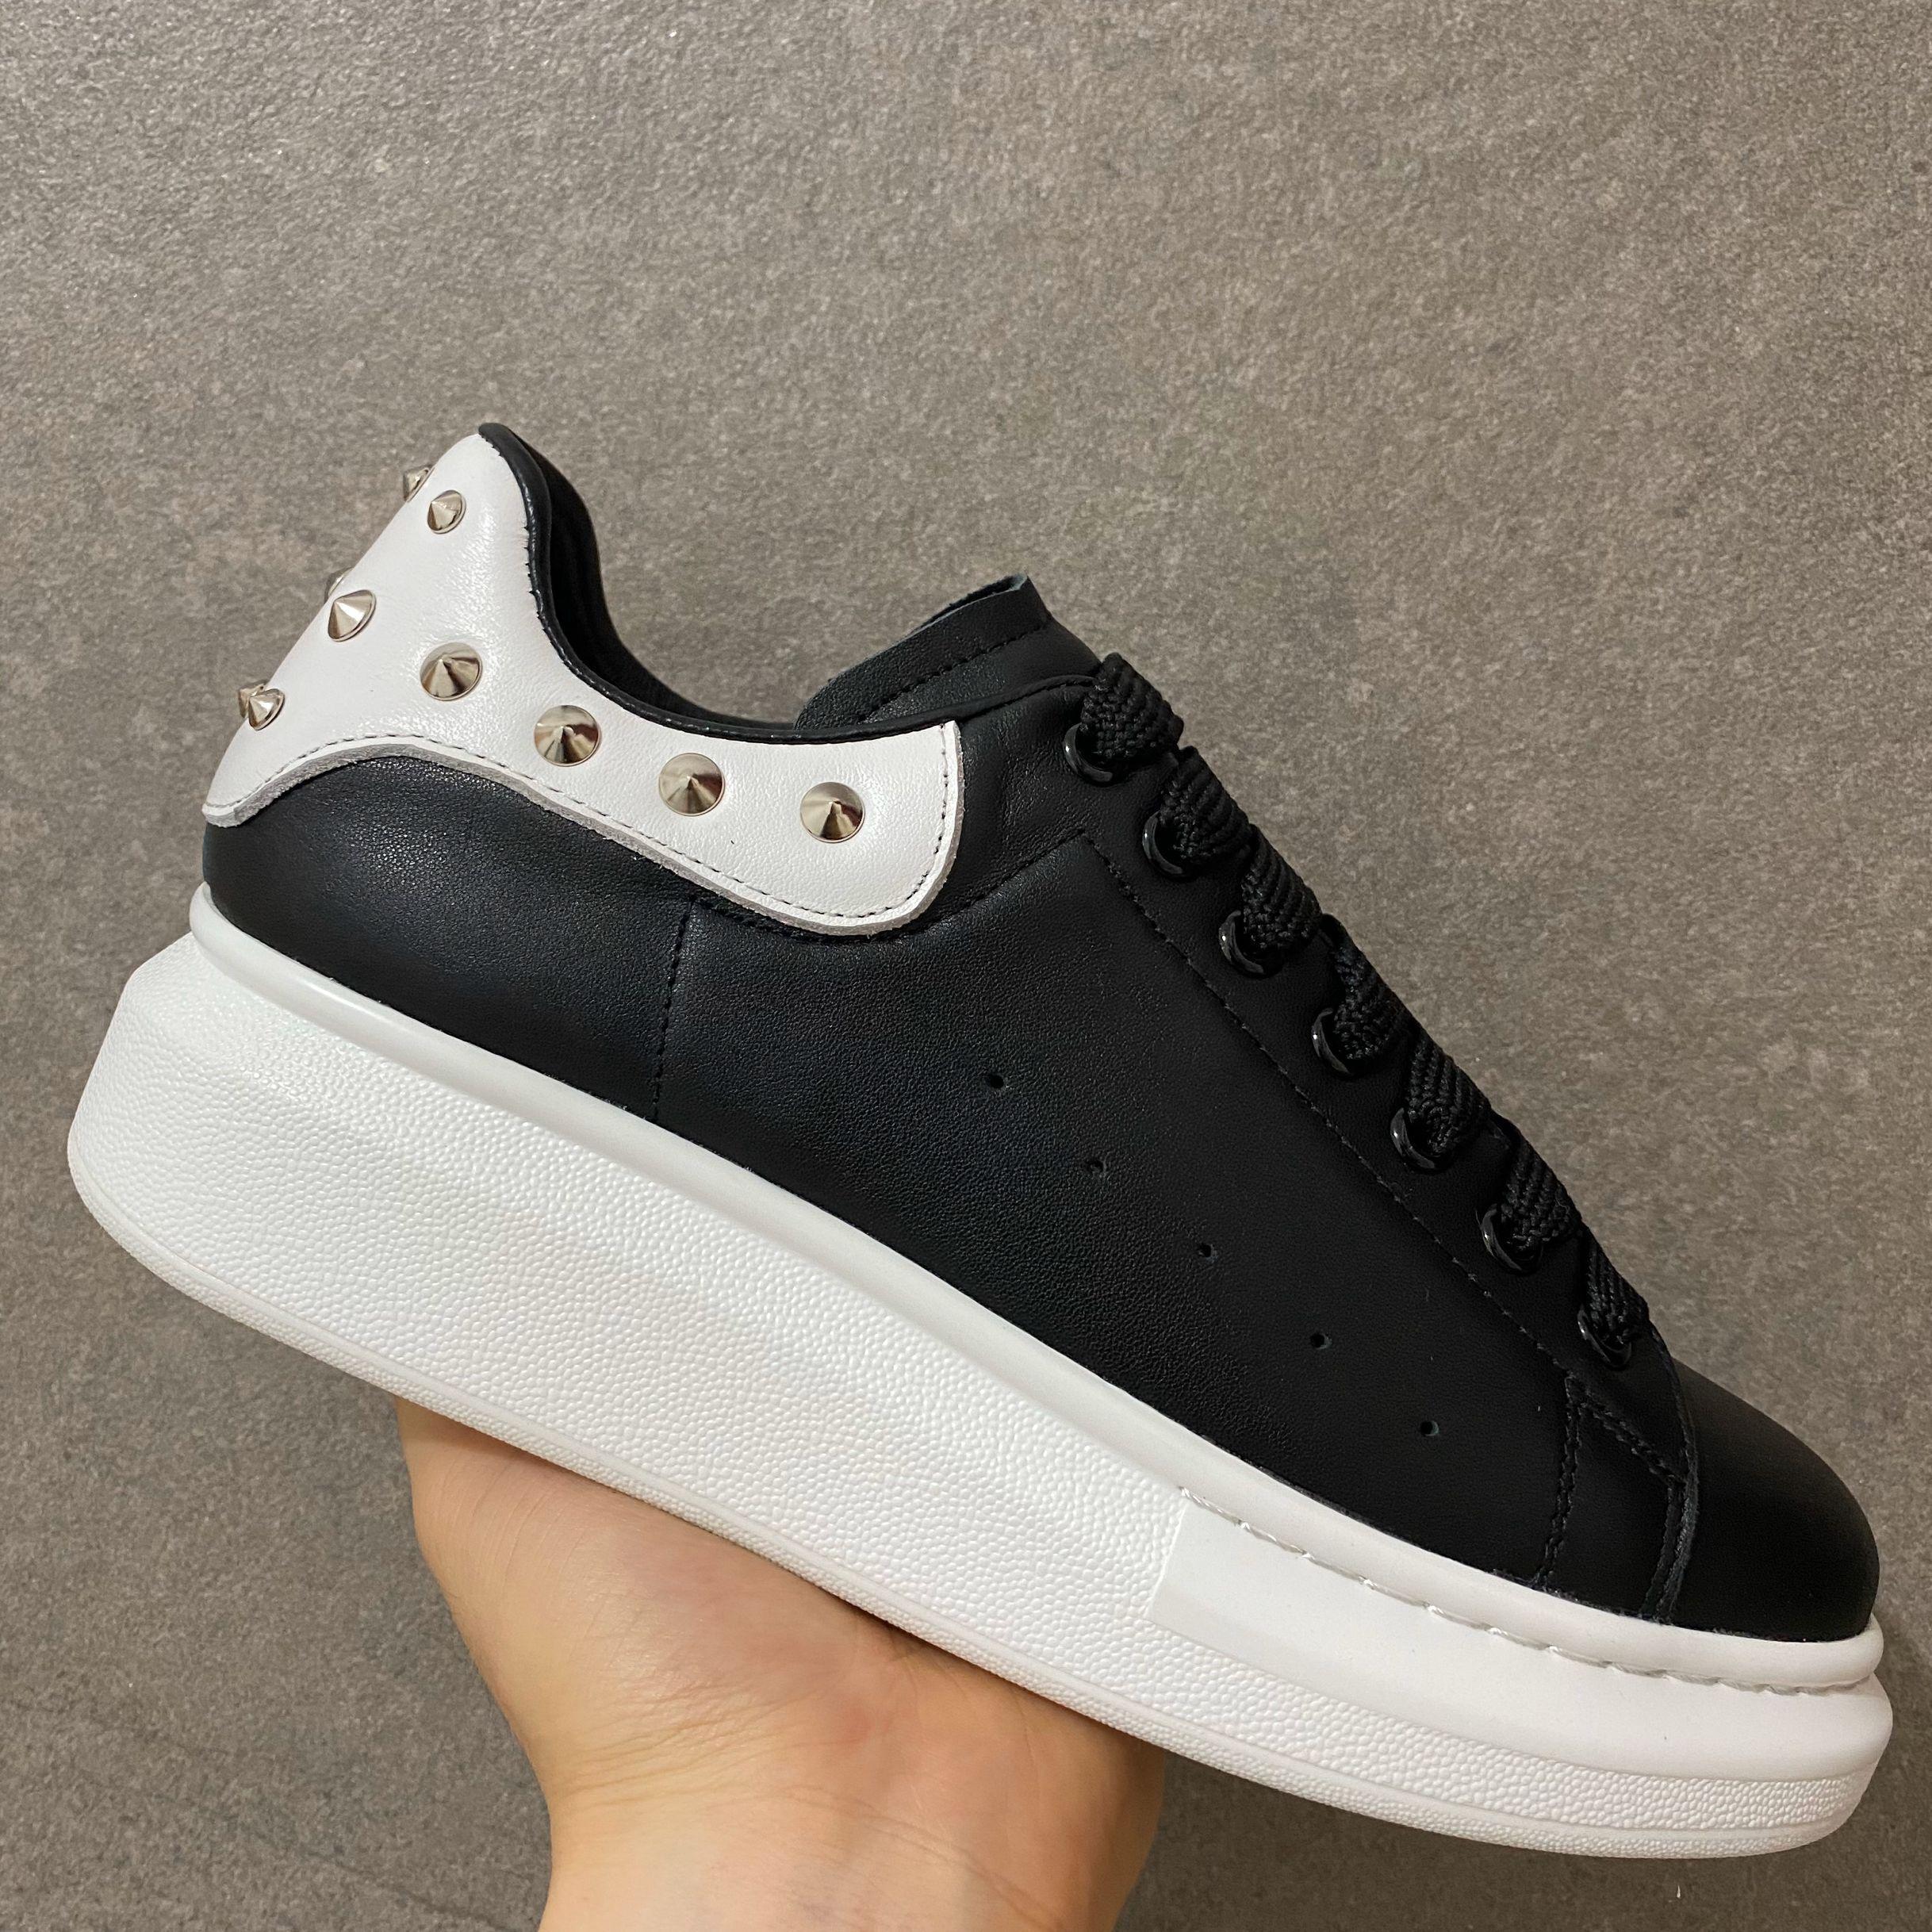 منصة الرجال النساء Loveres أحذية عارضة الترفيهية الحذاء أحذية الرياضة الموضة النساء أحذية جلدية Louisfalt المسامير عارضة أعلى جودة